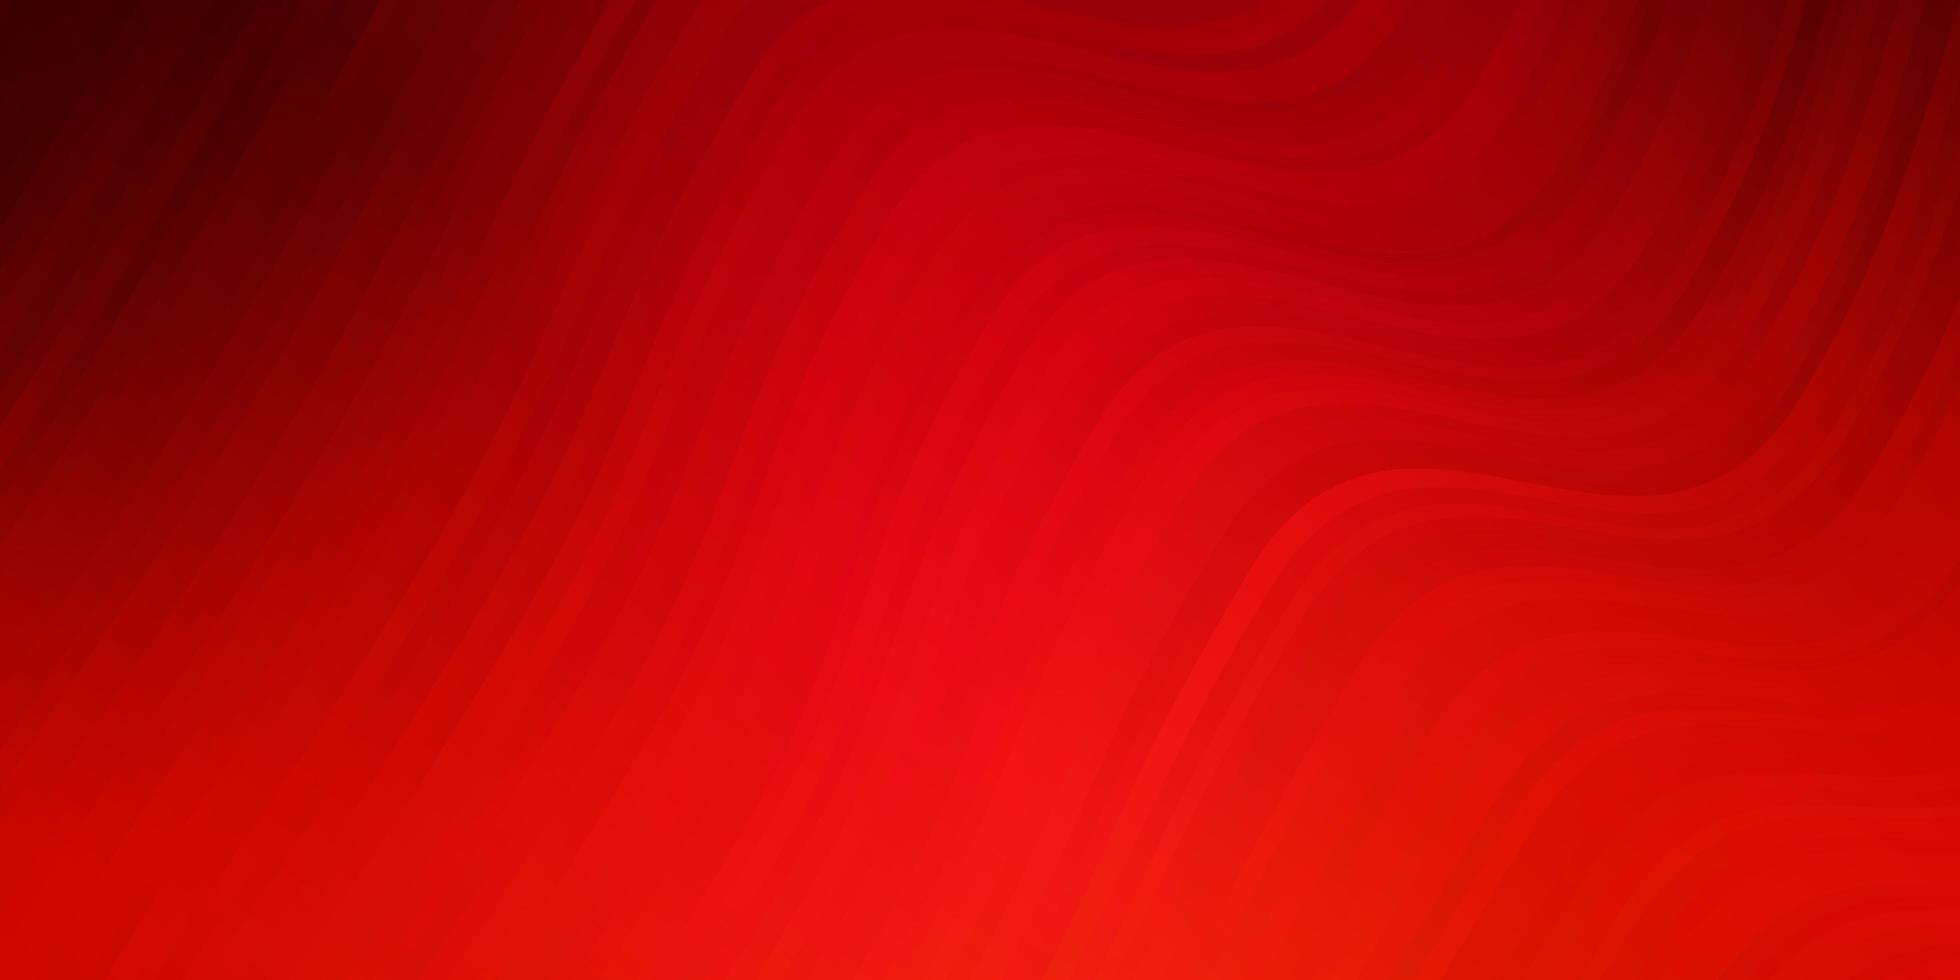 fundo vector vermelho claro com linhas curvas.